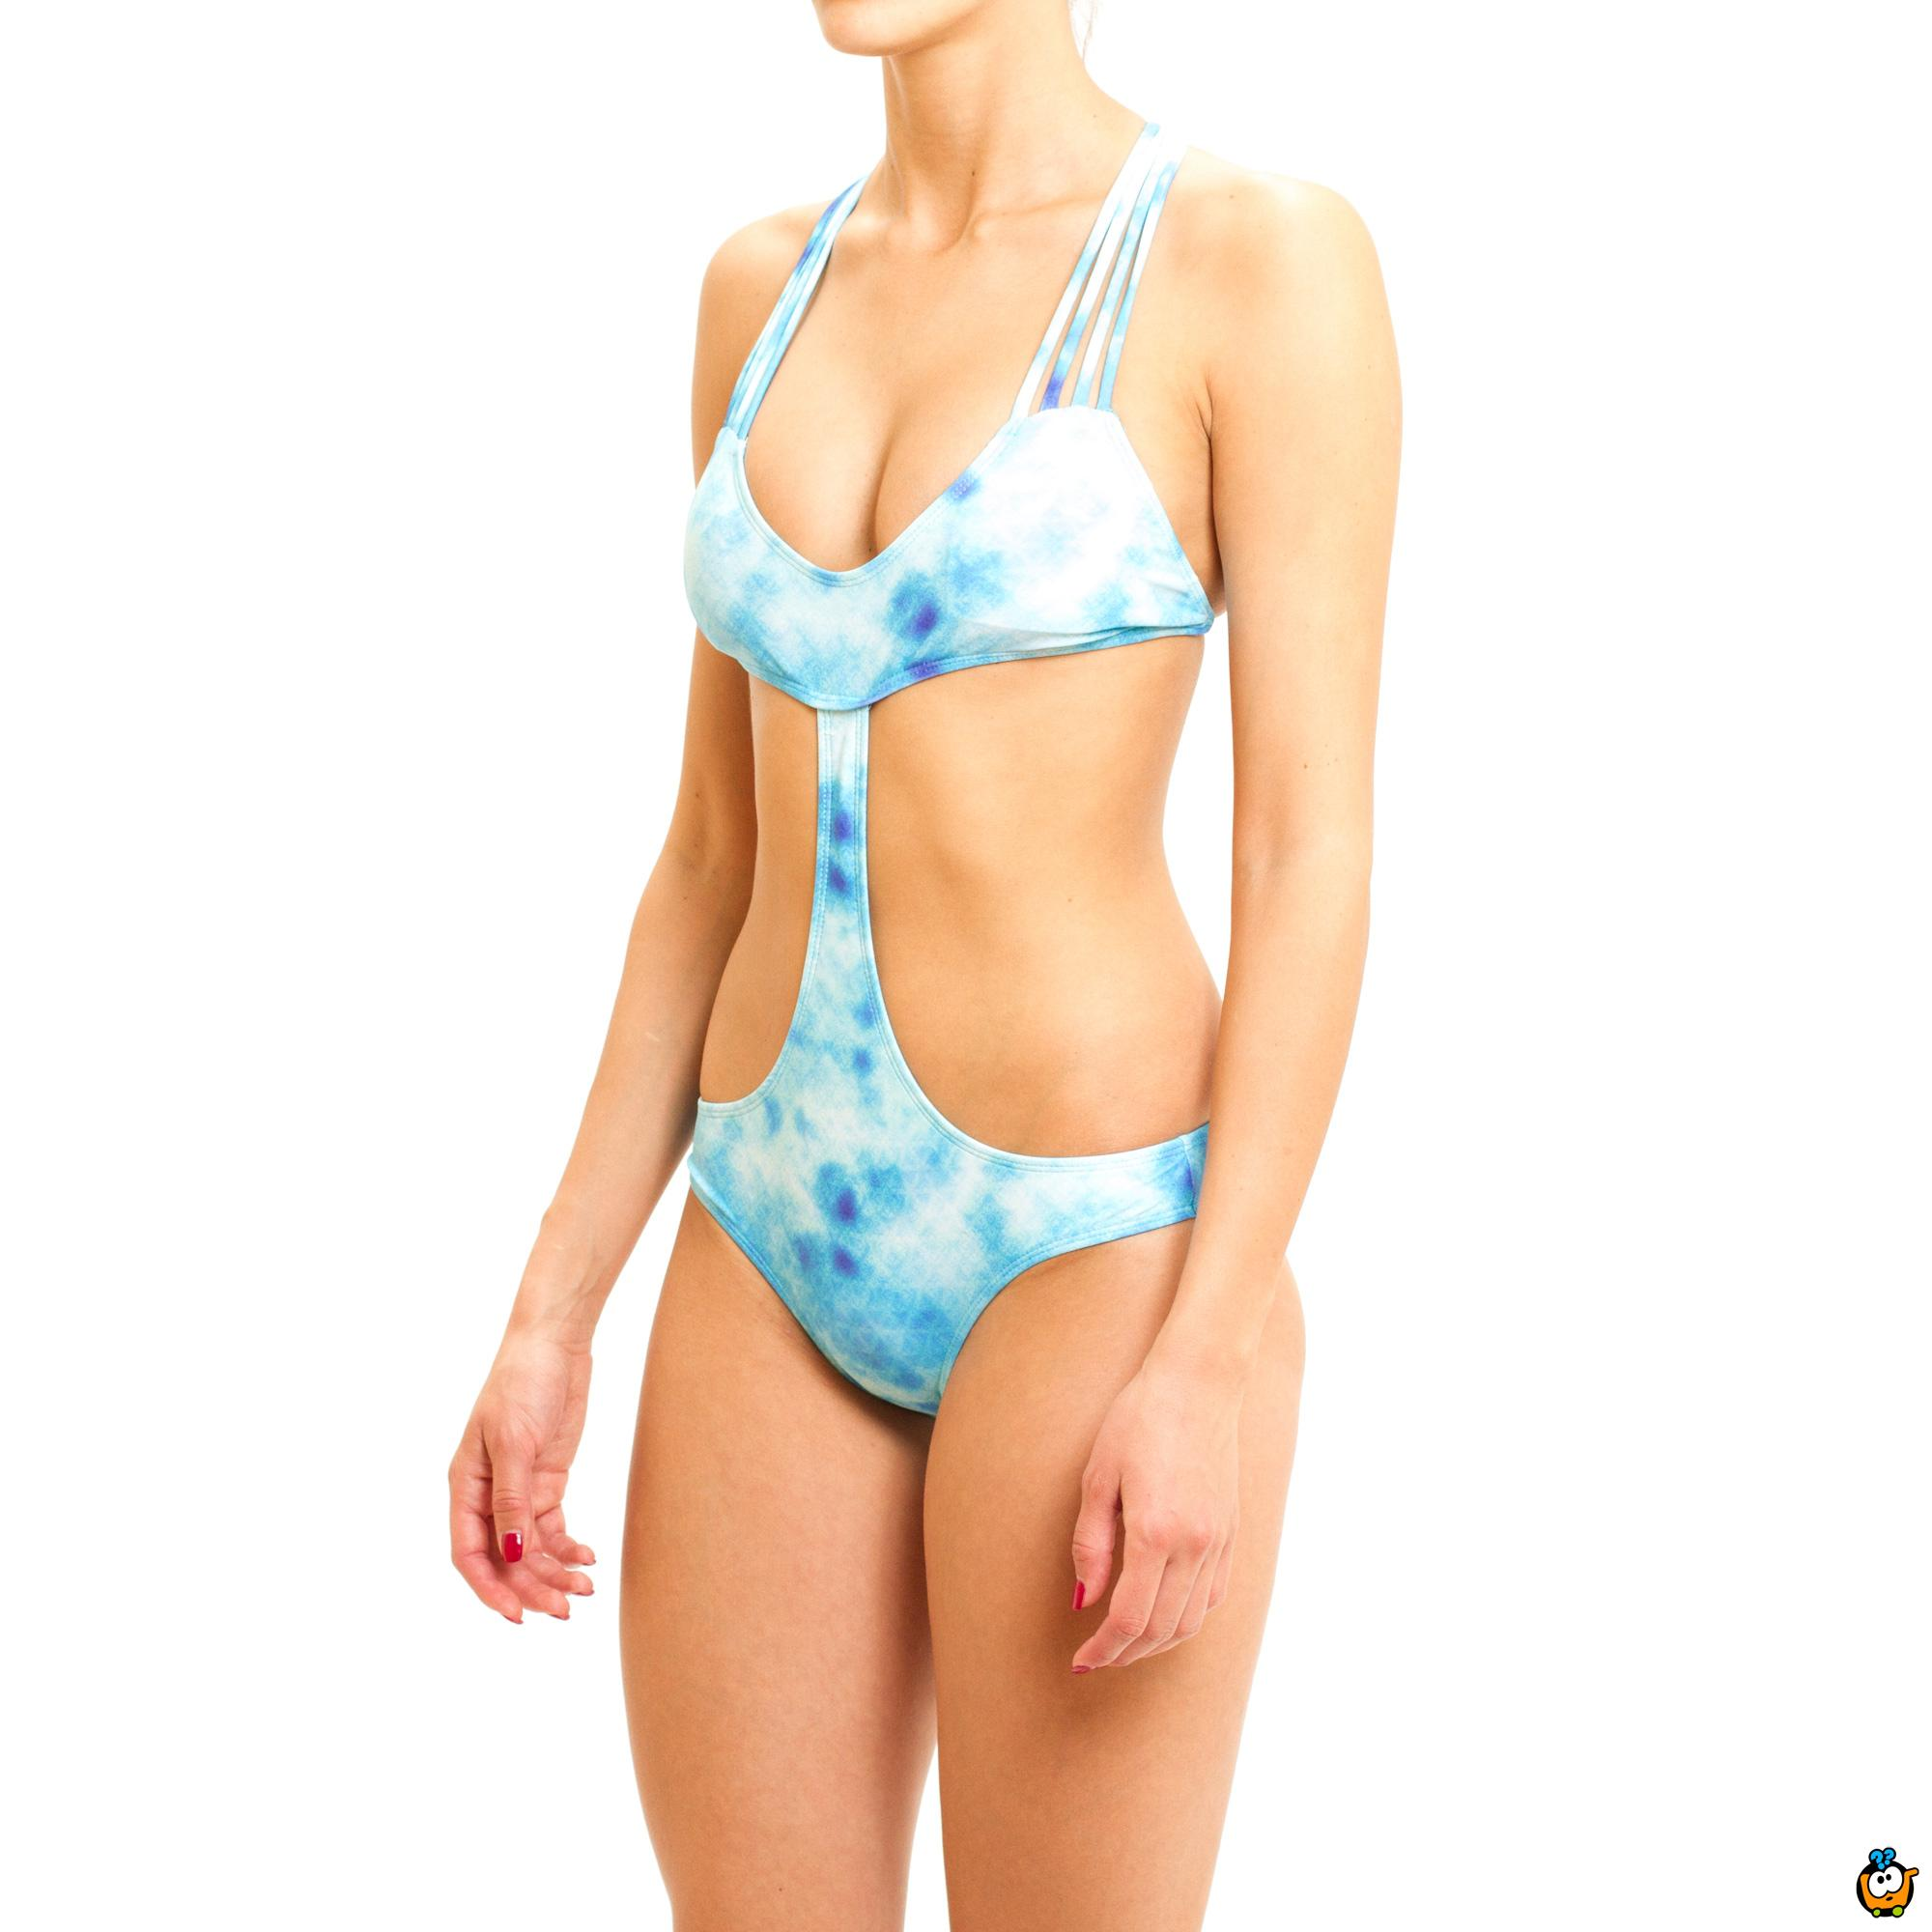 Jednodelni ženski kupaći kostim - BIKINI WAVES